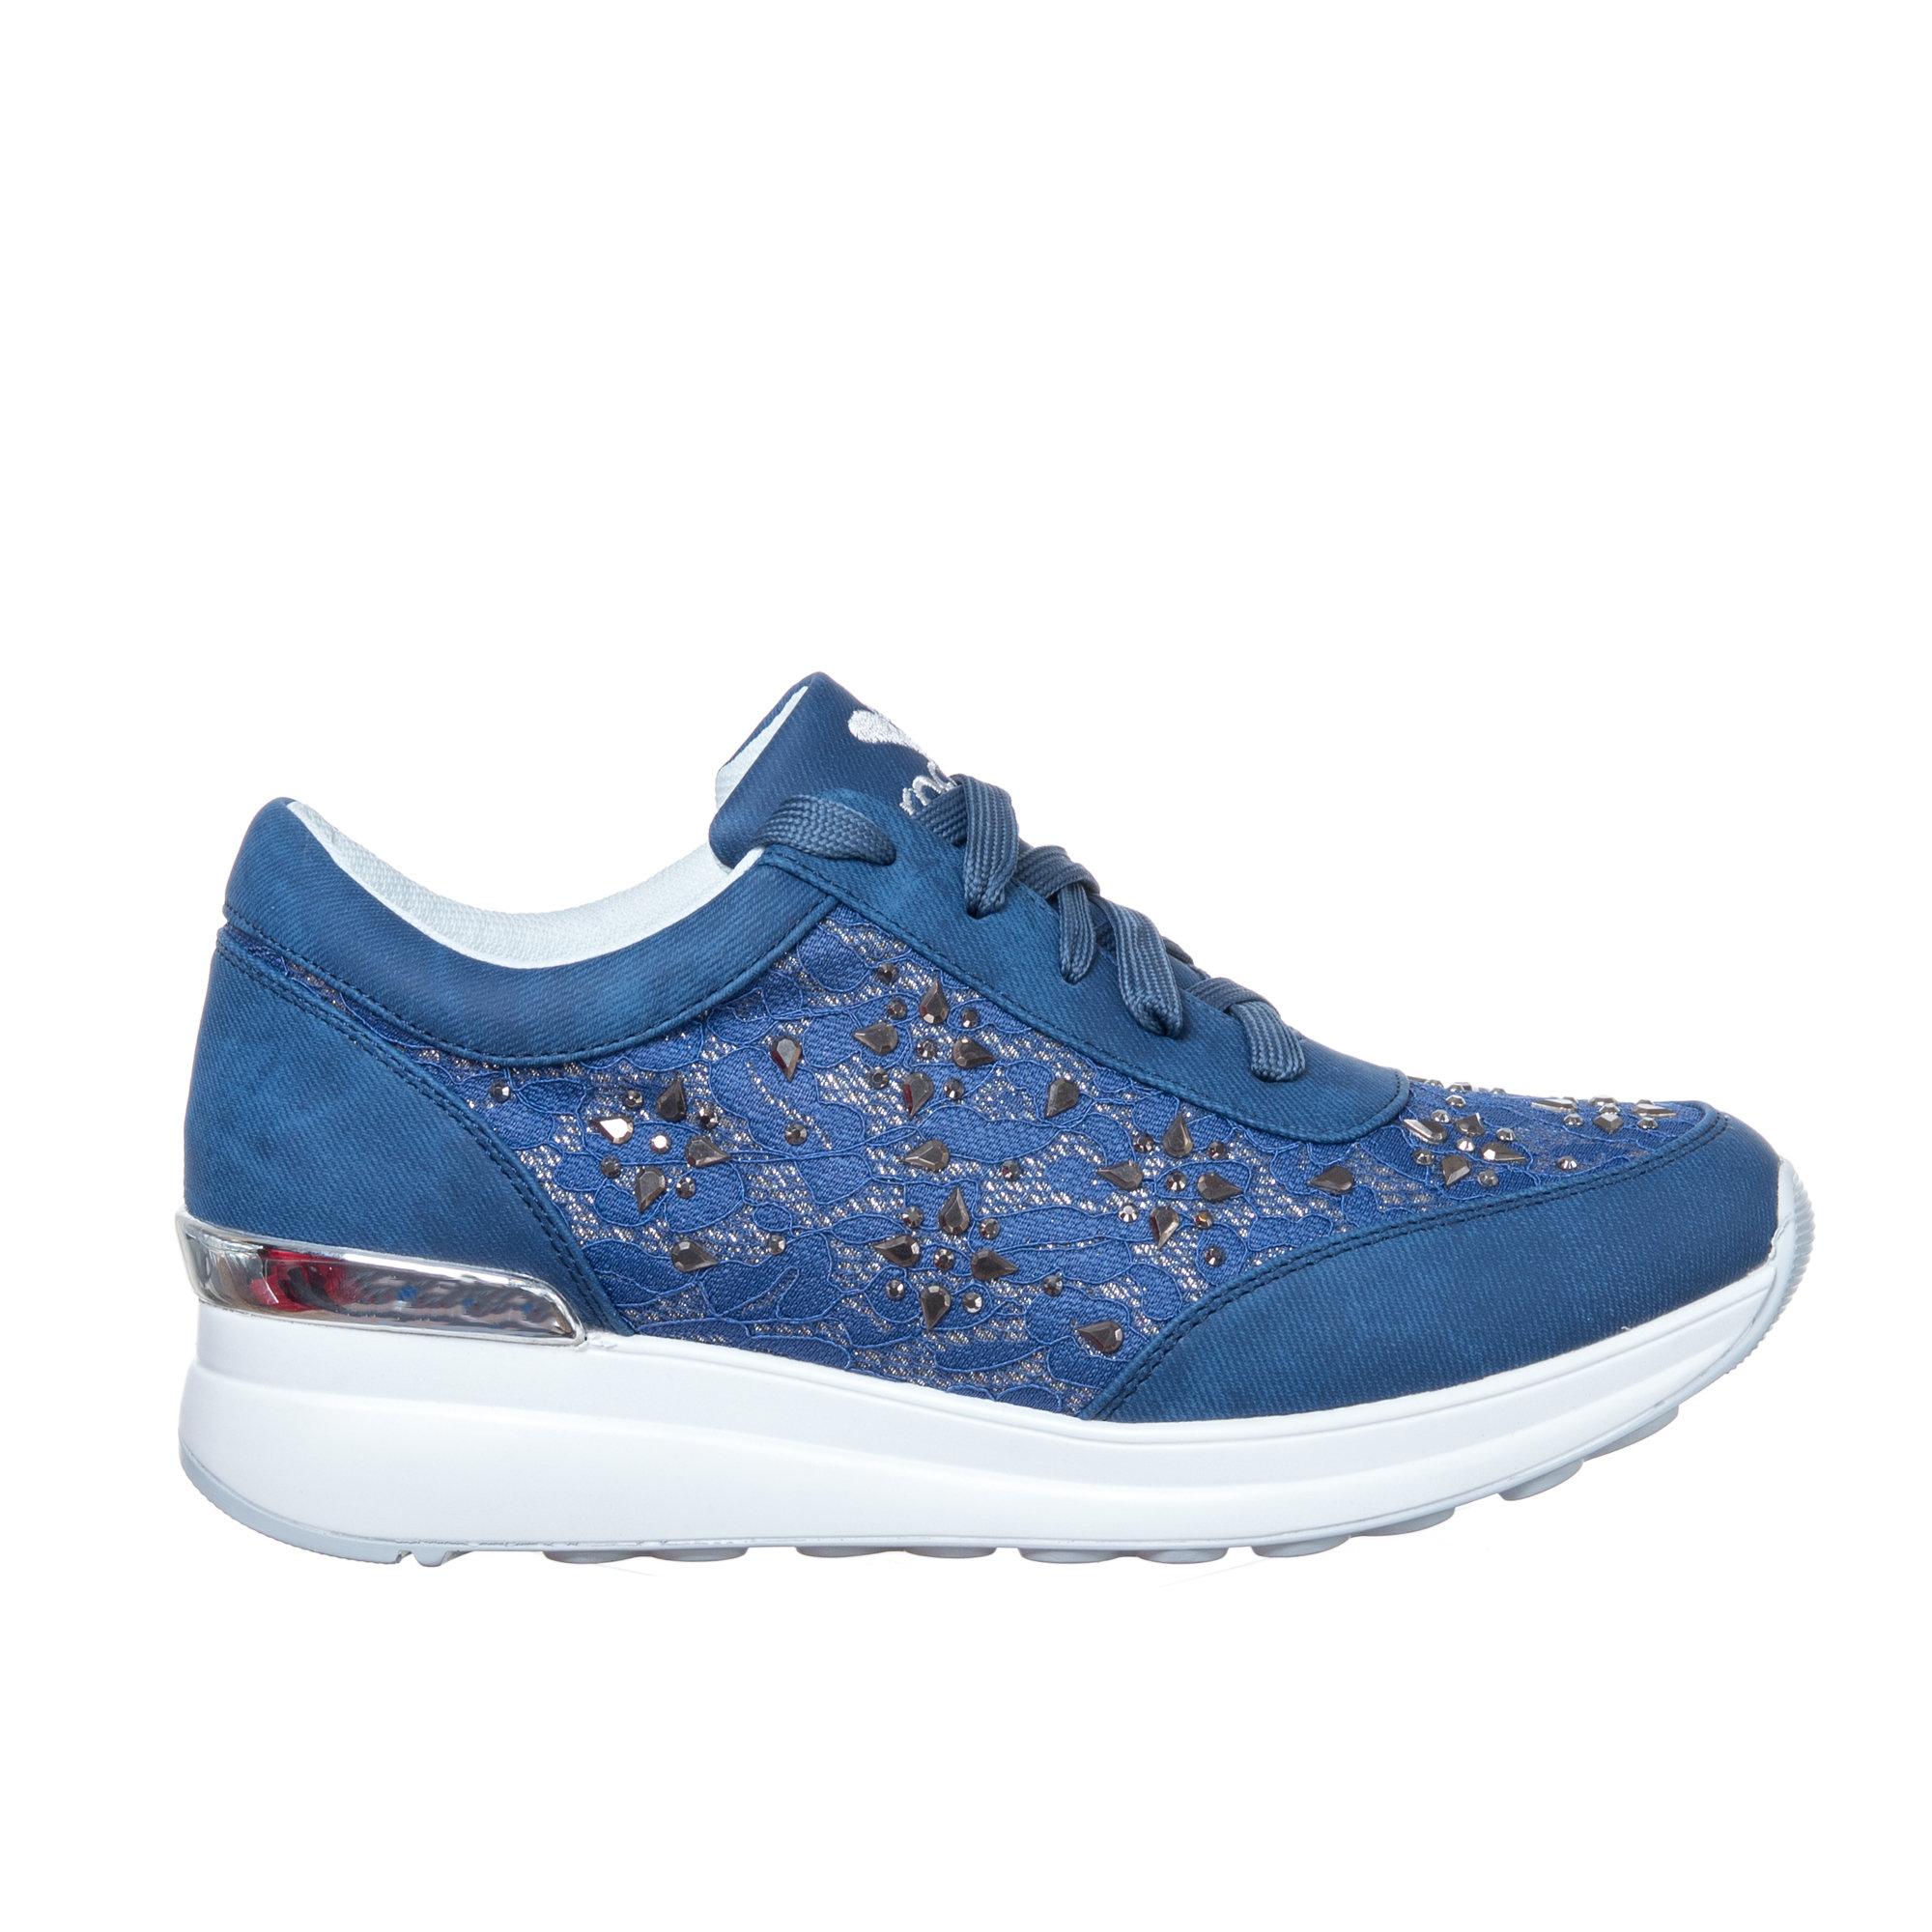 Sneaker con decorazioni, blu Braccialini Scarpe Acquista su Ventis.